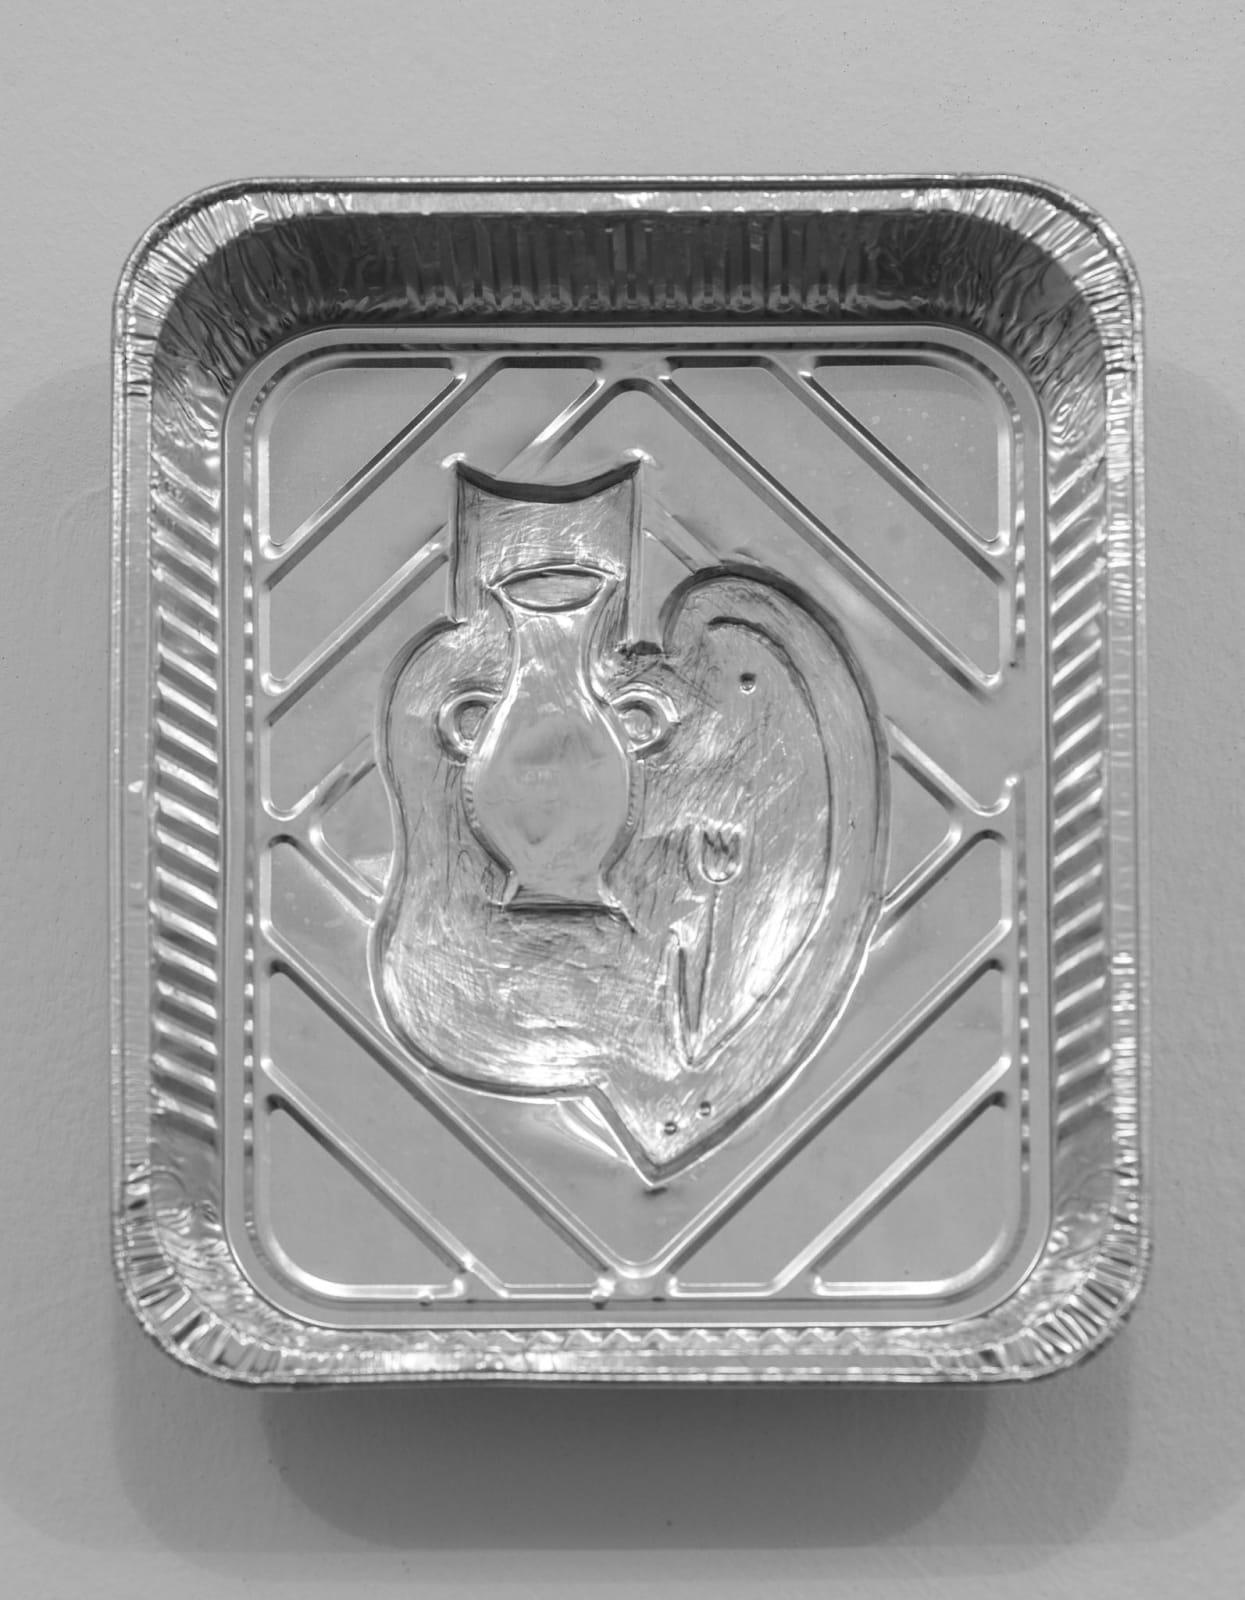 Anna Hulacova, Untitled, 2017, aluminium tray, cm 32 x 26 x 7